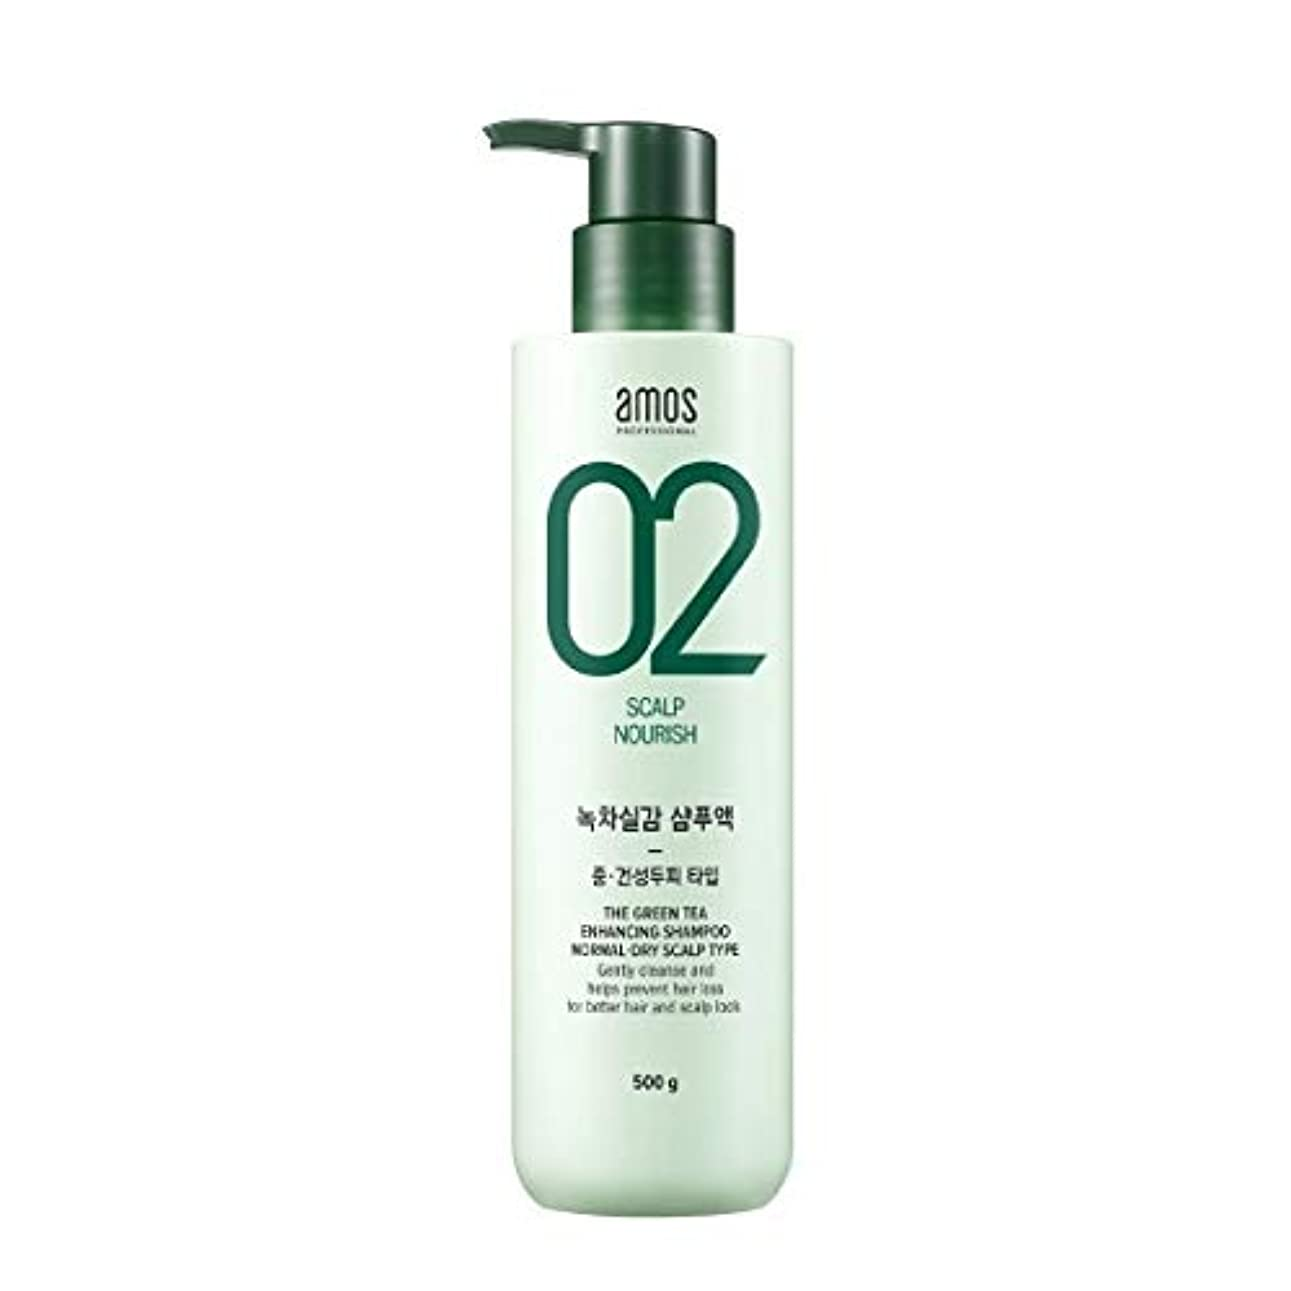 郵便番号稼ぐカレンダーAmos Green Tea Enhancing Shampoo - Normal, Dry 500g / アモス ザ グリーンティー エンハンシング シャンプー # ノーマルドライ スカルプタイプ [並行輸入品]